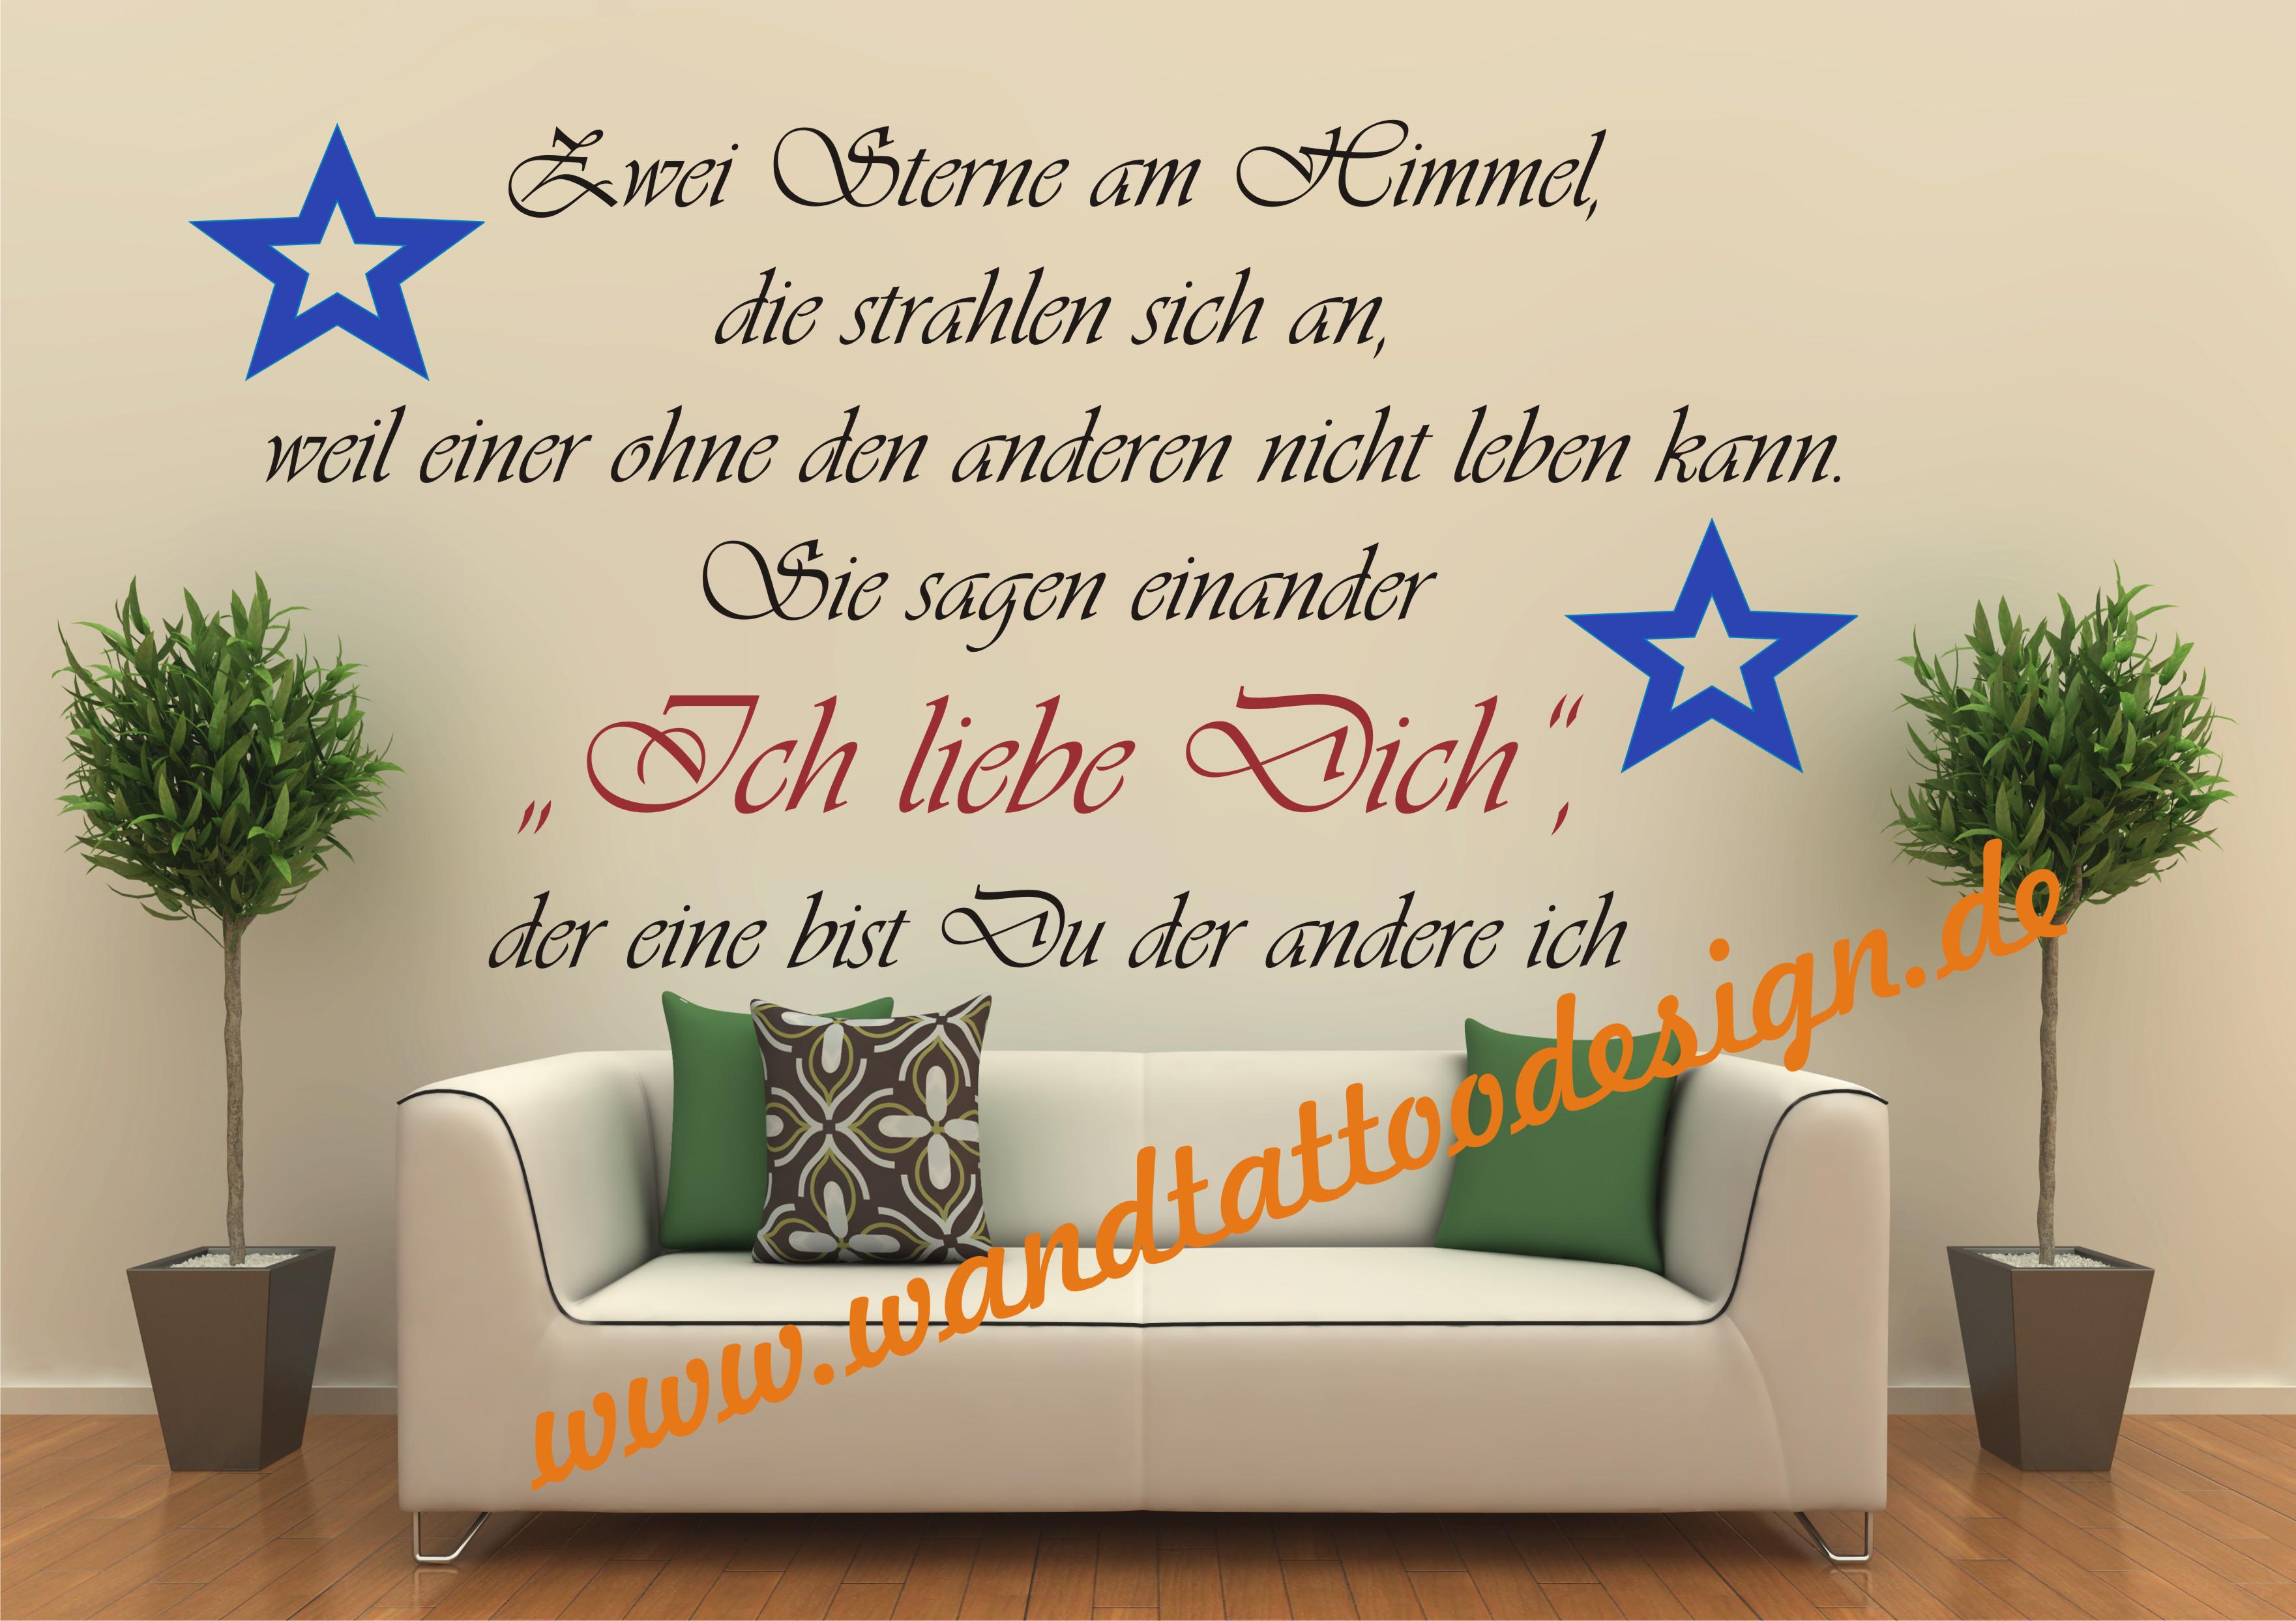 Wandtattoodesignde Wandtattoo Zitat Spruch Zwei Sterne Am Himmel